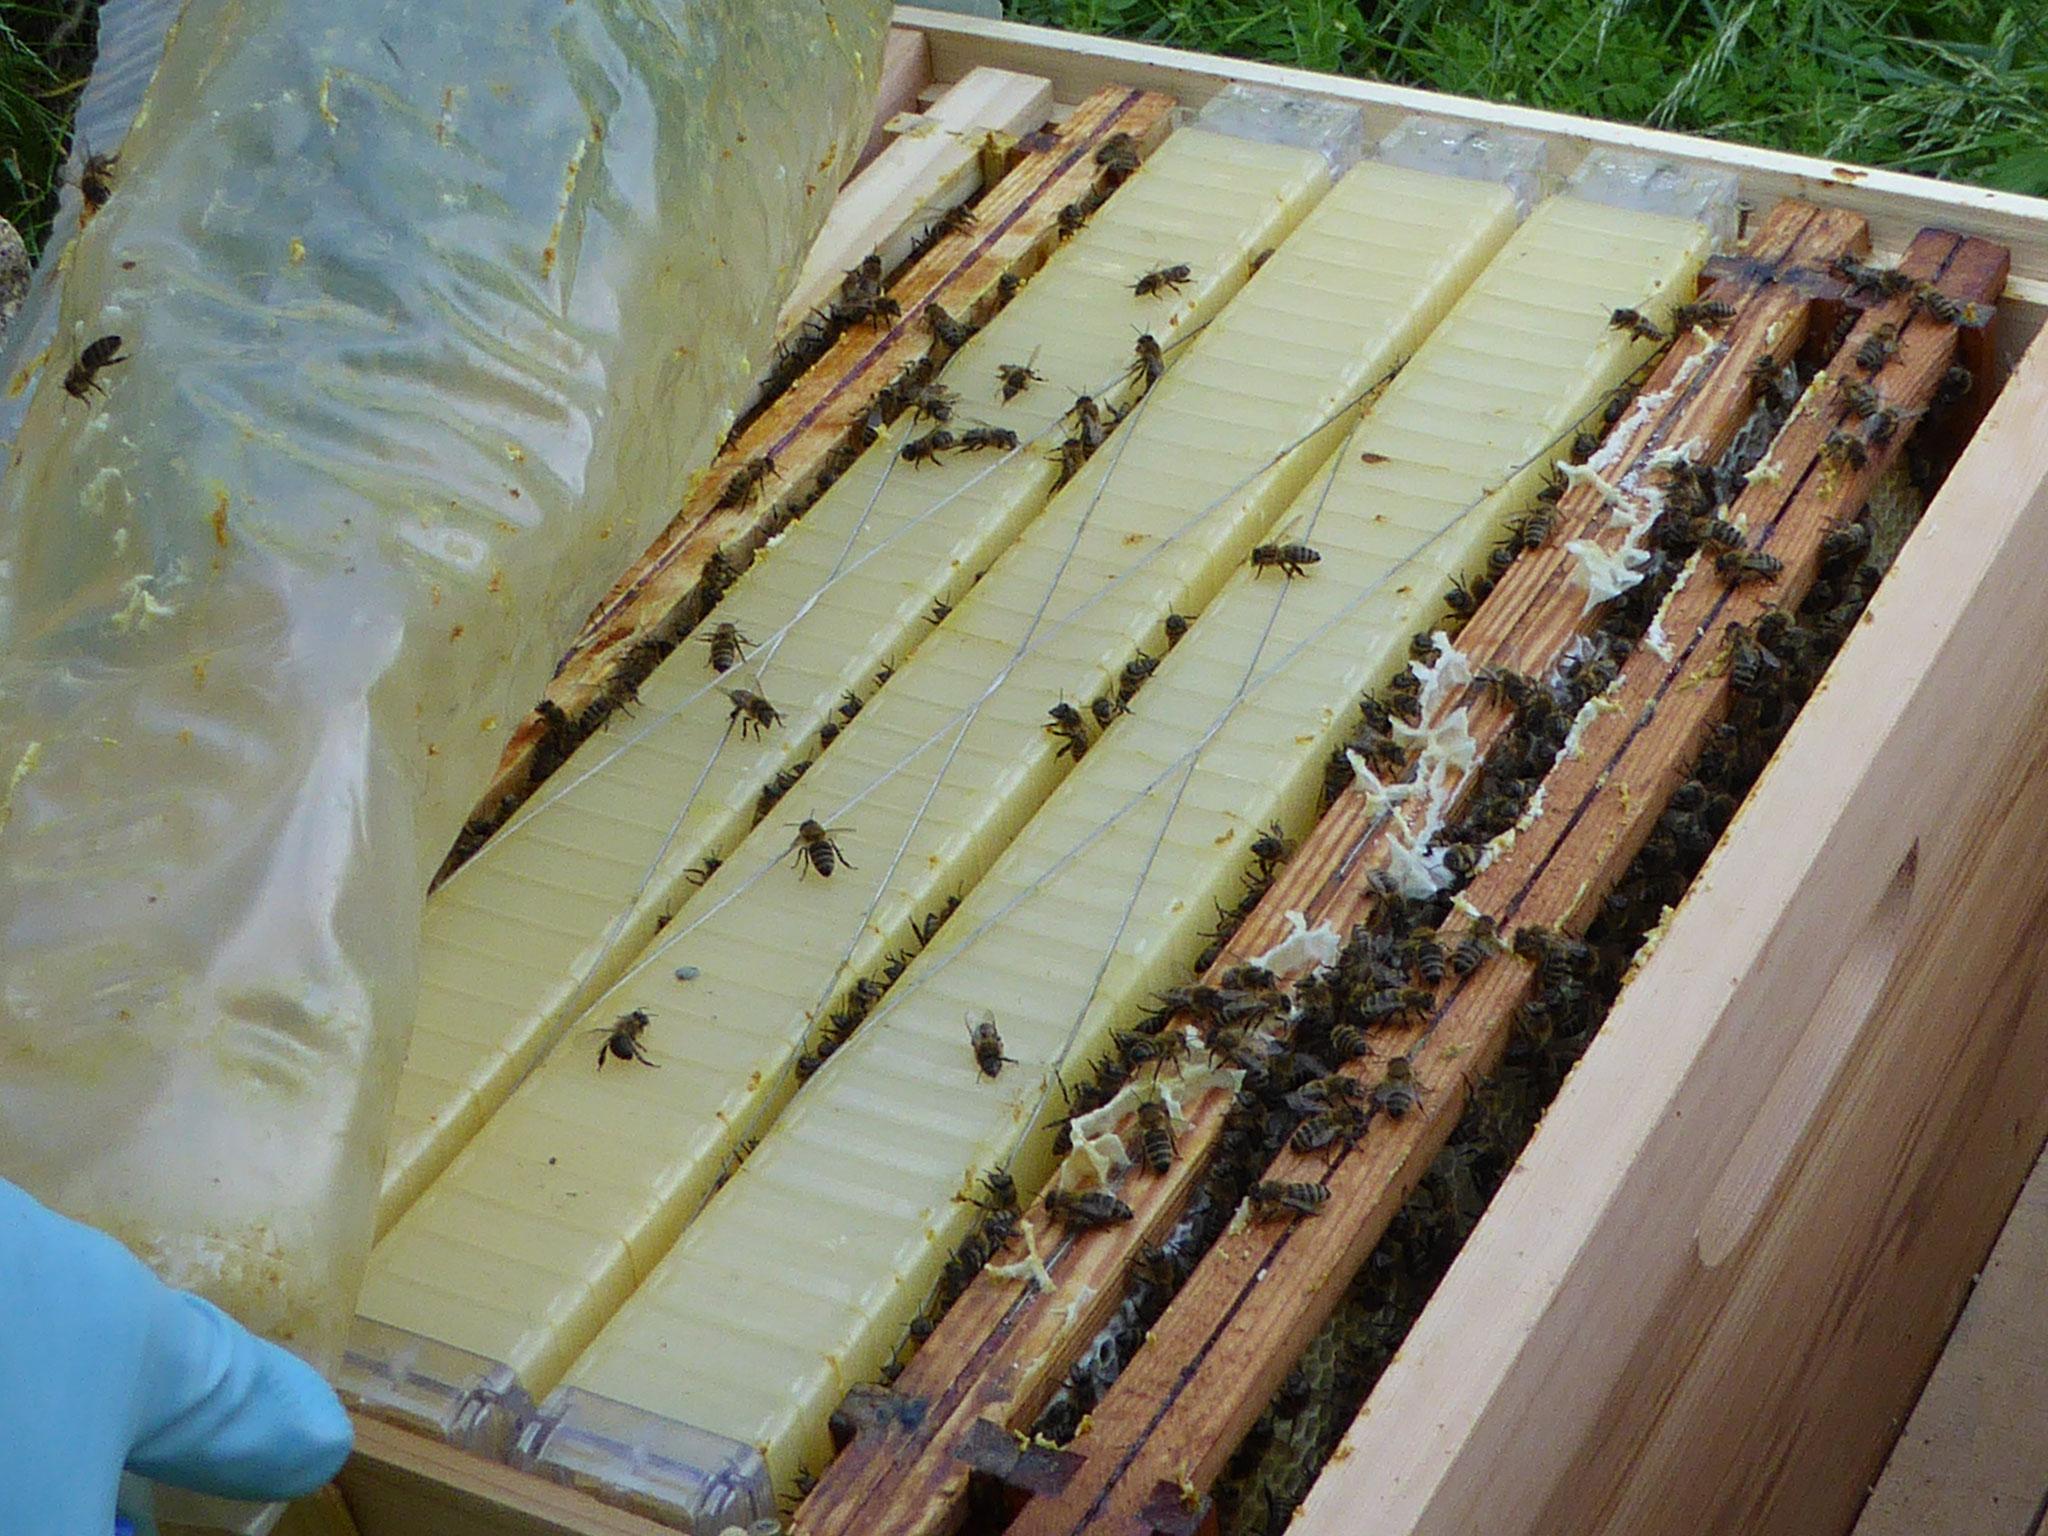 So sieht also der Honigraum aus.